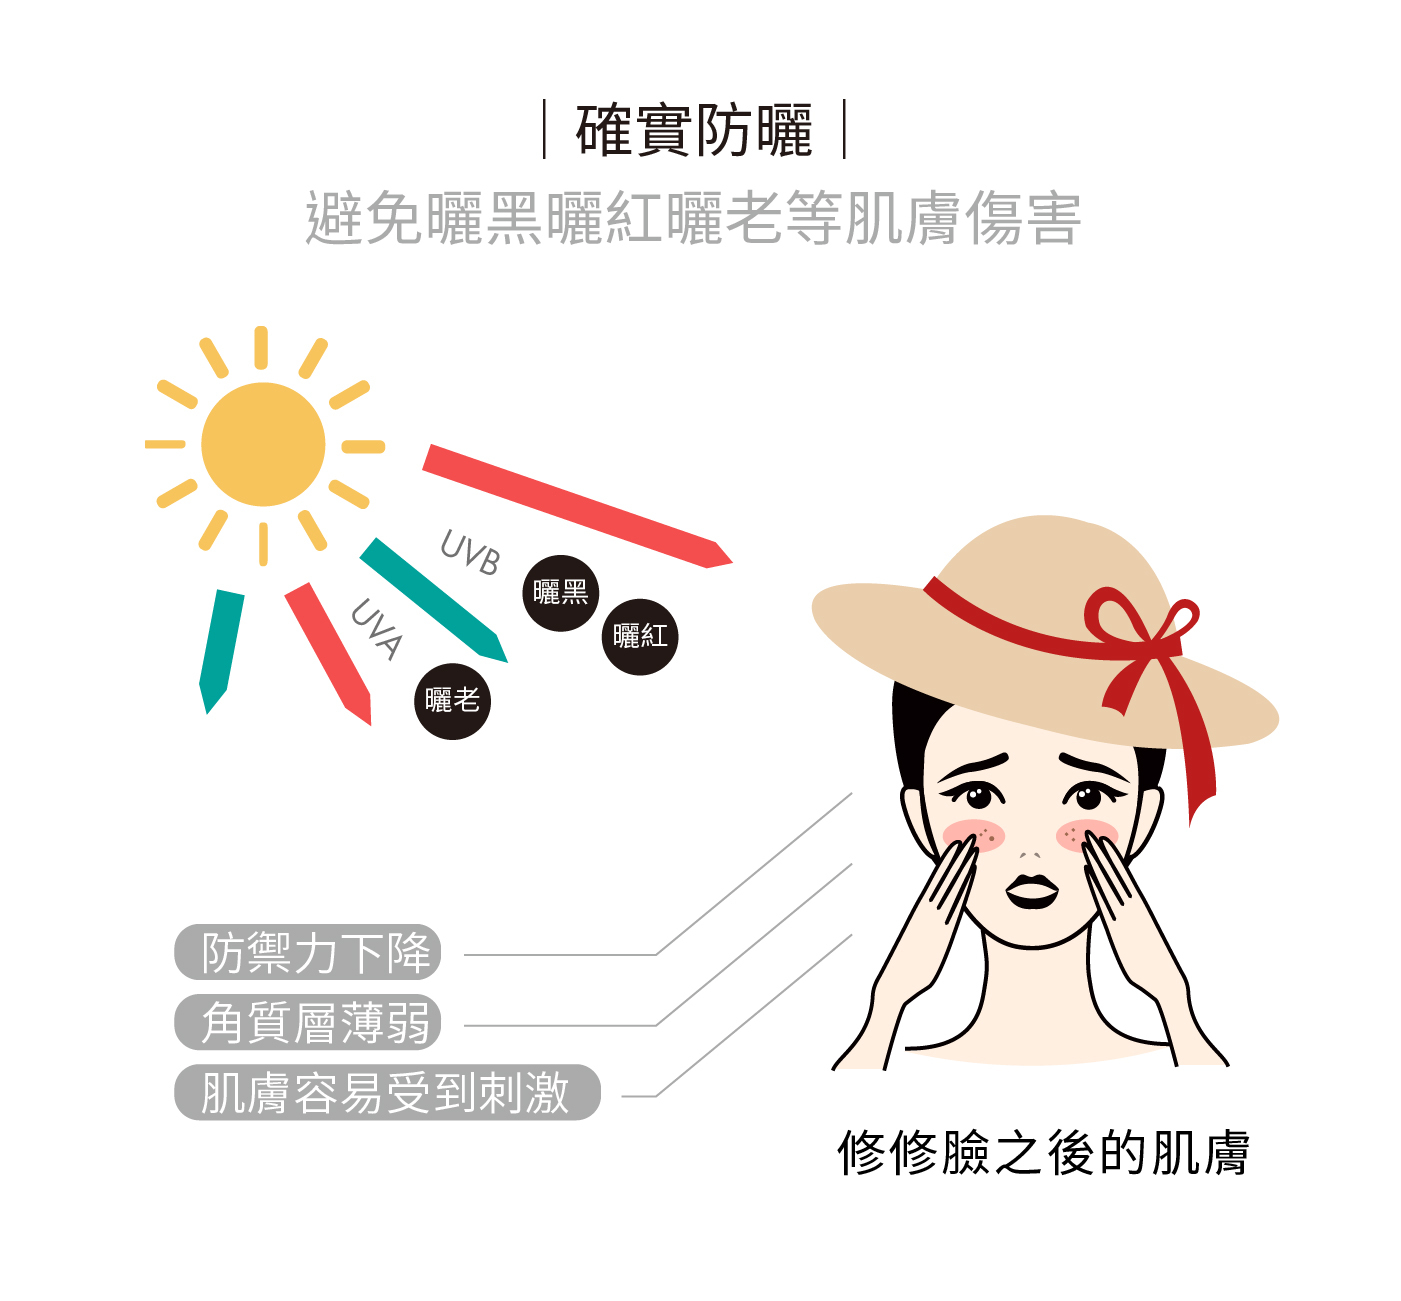 修修臉後確實防曬,加強阻隔紫外線傷害